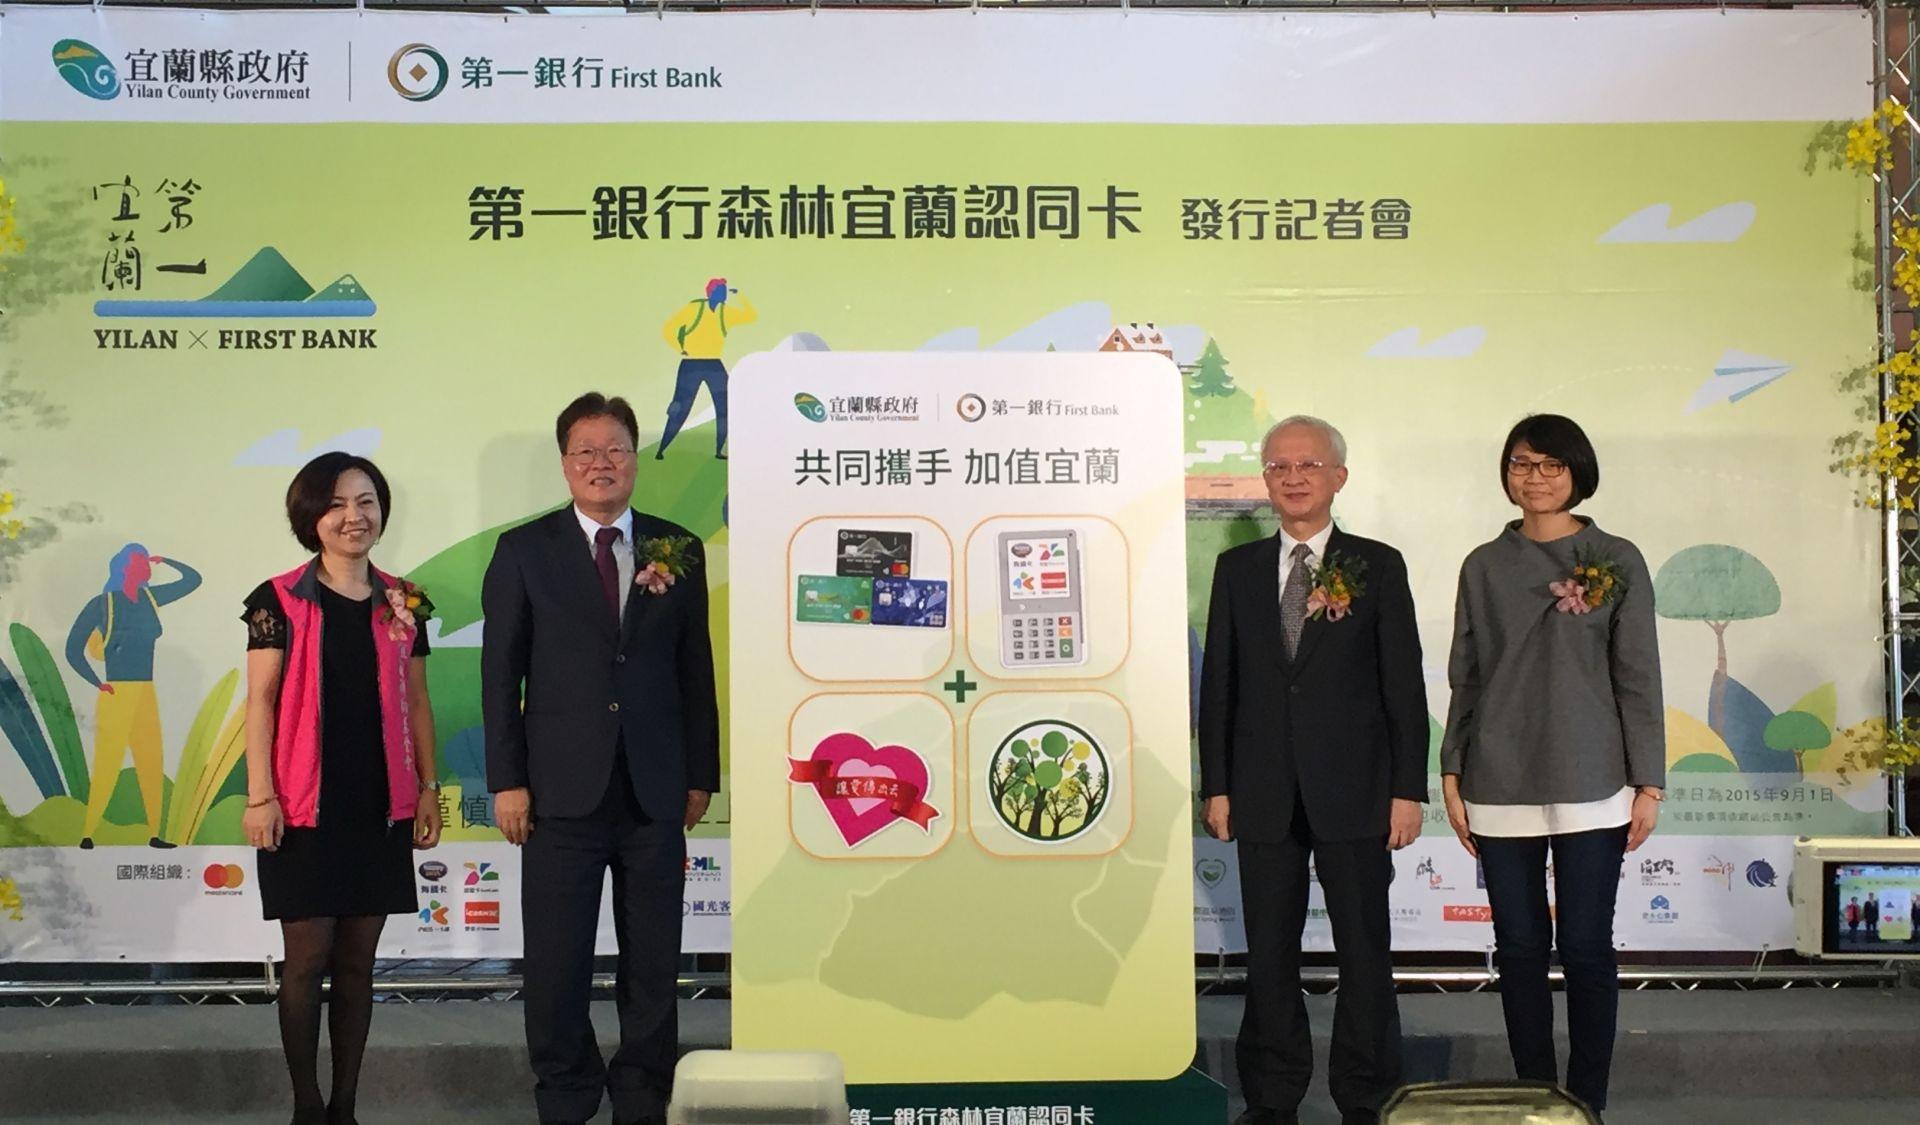 一銀和宜爛縣政府合作推出森林宜蘭認同卡,為台灣首張有花香味的信用卡。右二為第一銀行董事長董瑞斌、左二為宜蘭縣代理縣長陳金德。